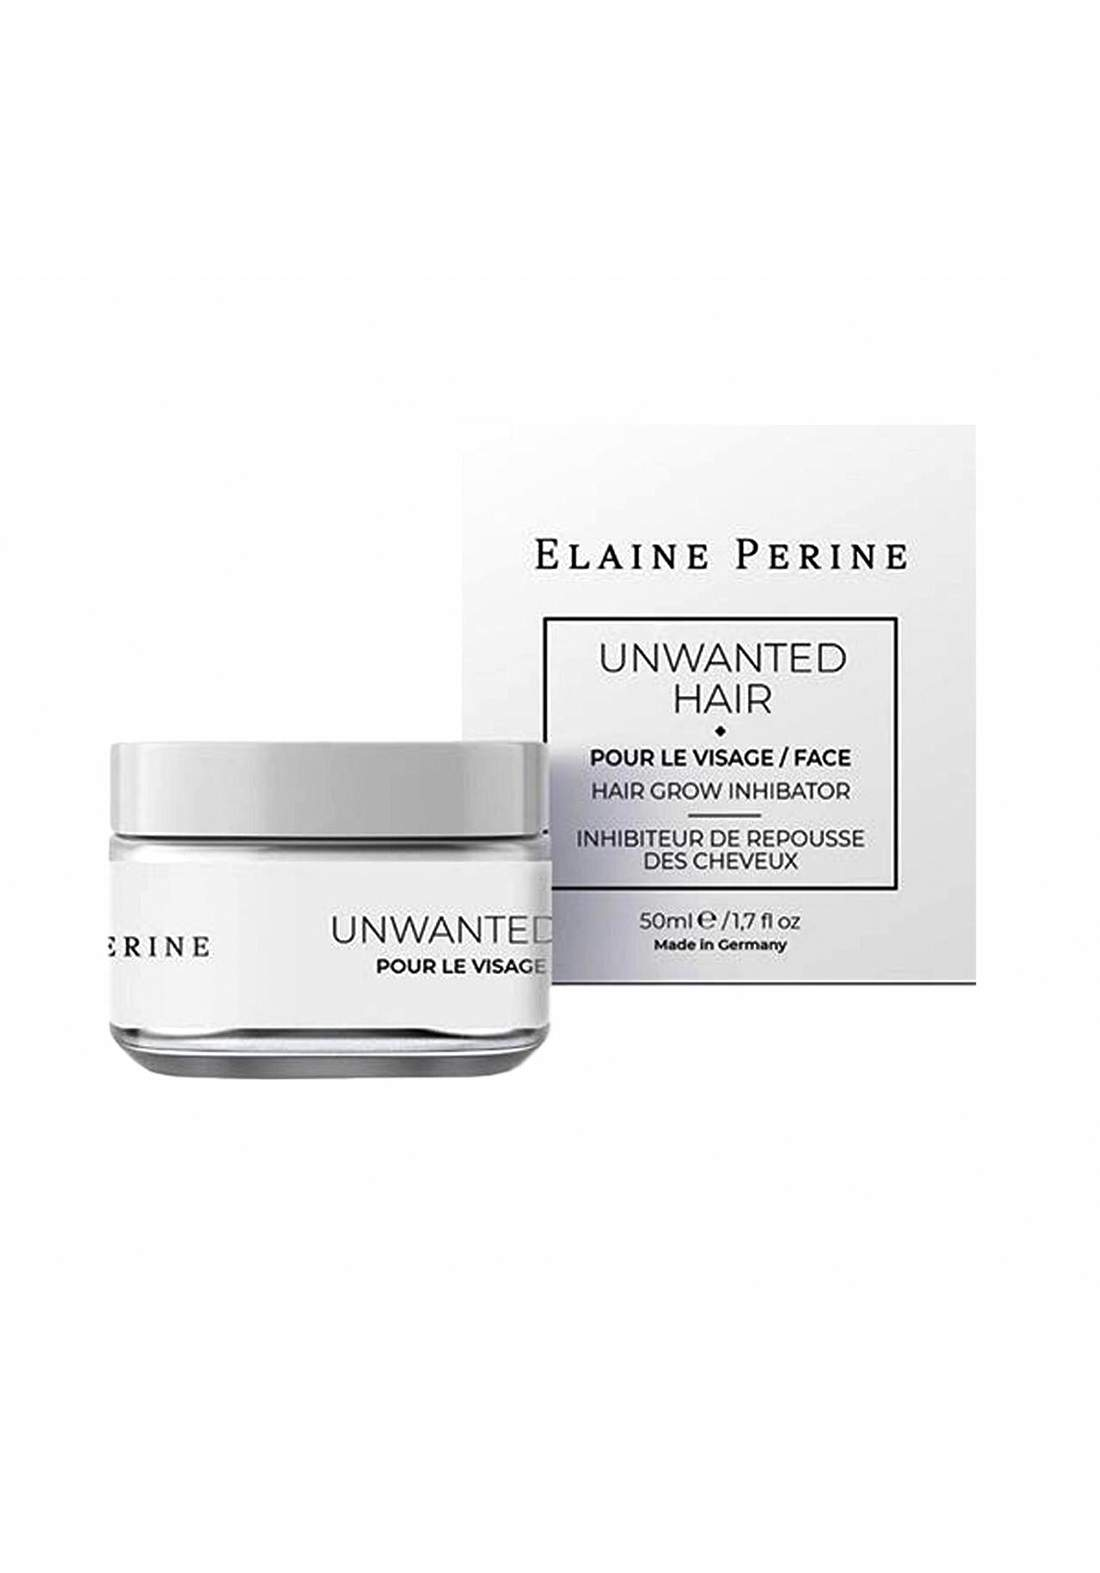 Elaine Perine Unwanted Hair Face 50ml كريم طبي لتقليل نمو شعر الوجه